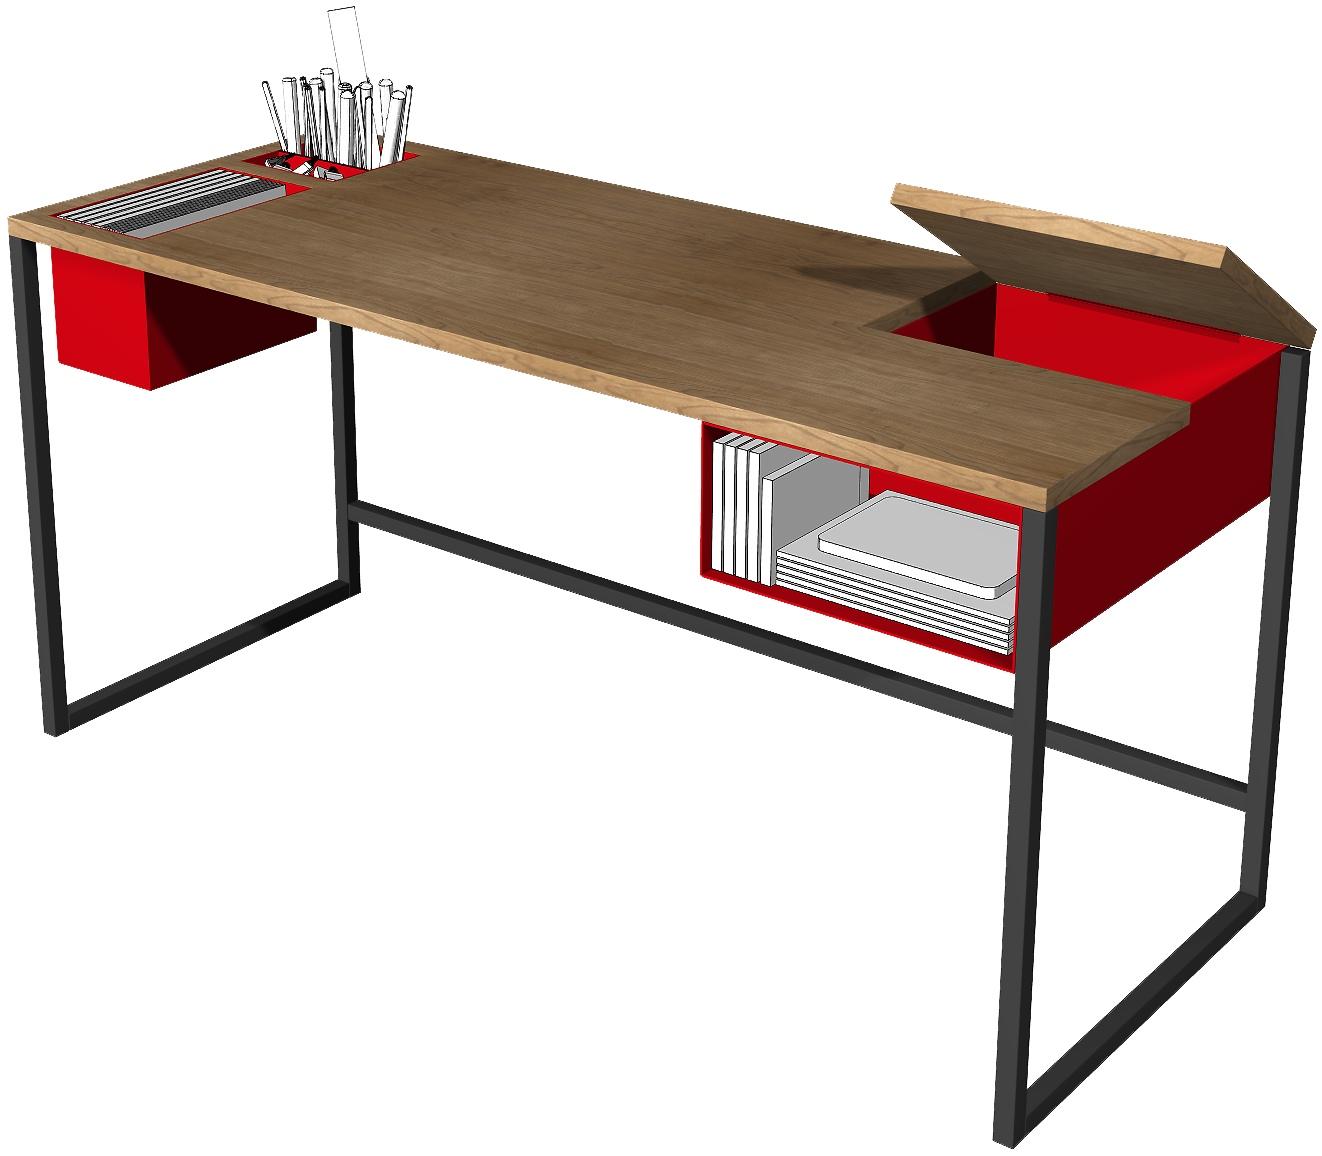 metal desk legs - metal and wood desk